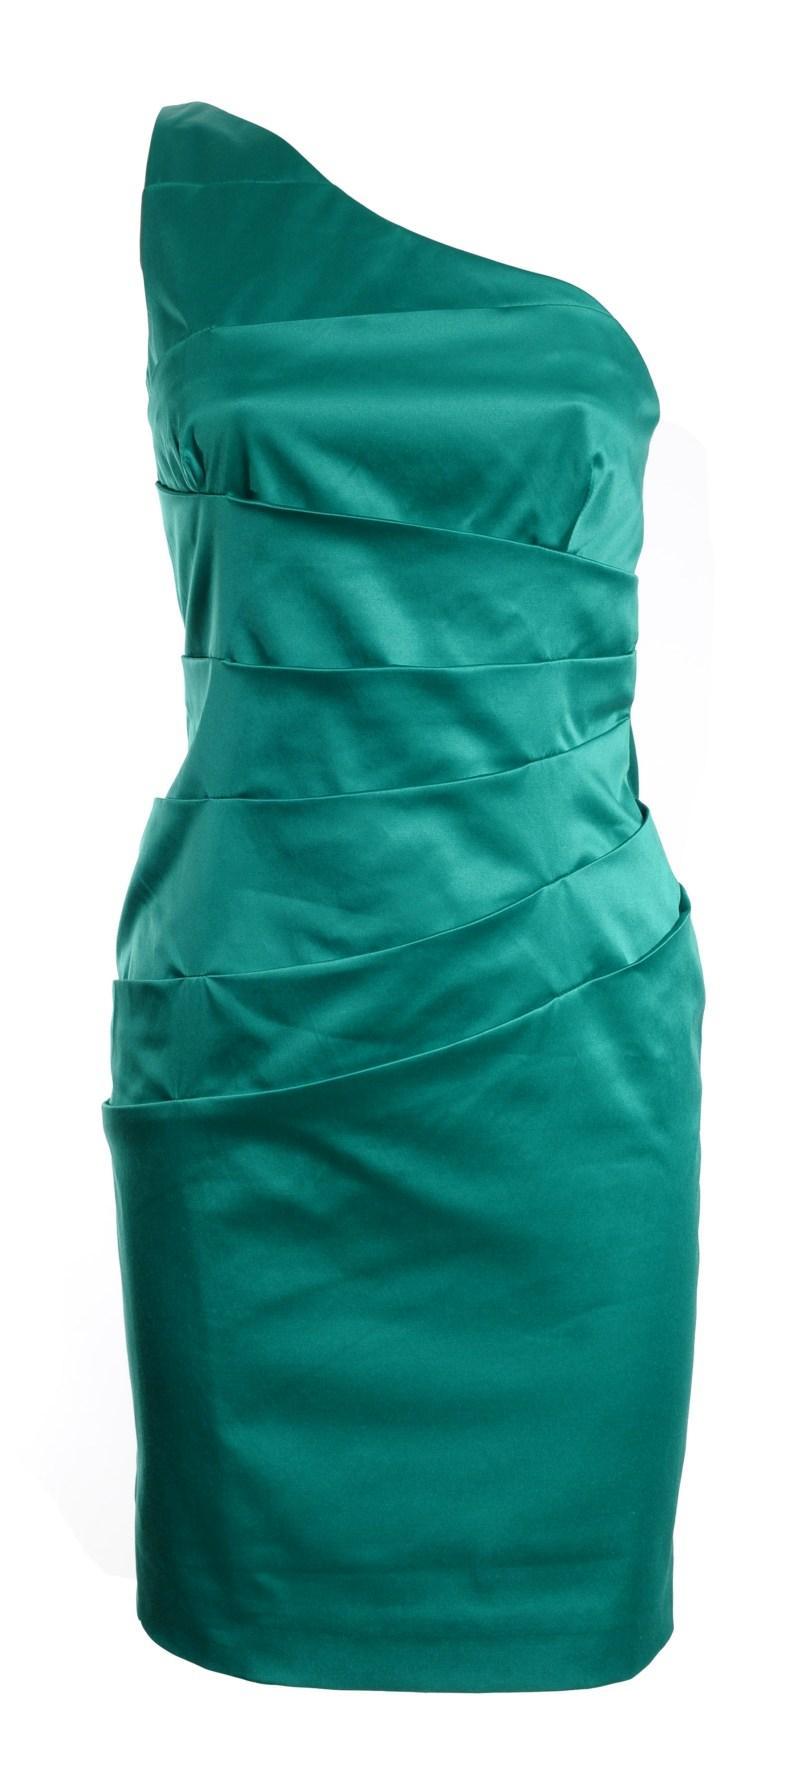 drapowana zielona sukienka Simple - jesień/zima 2010/2011